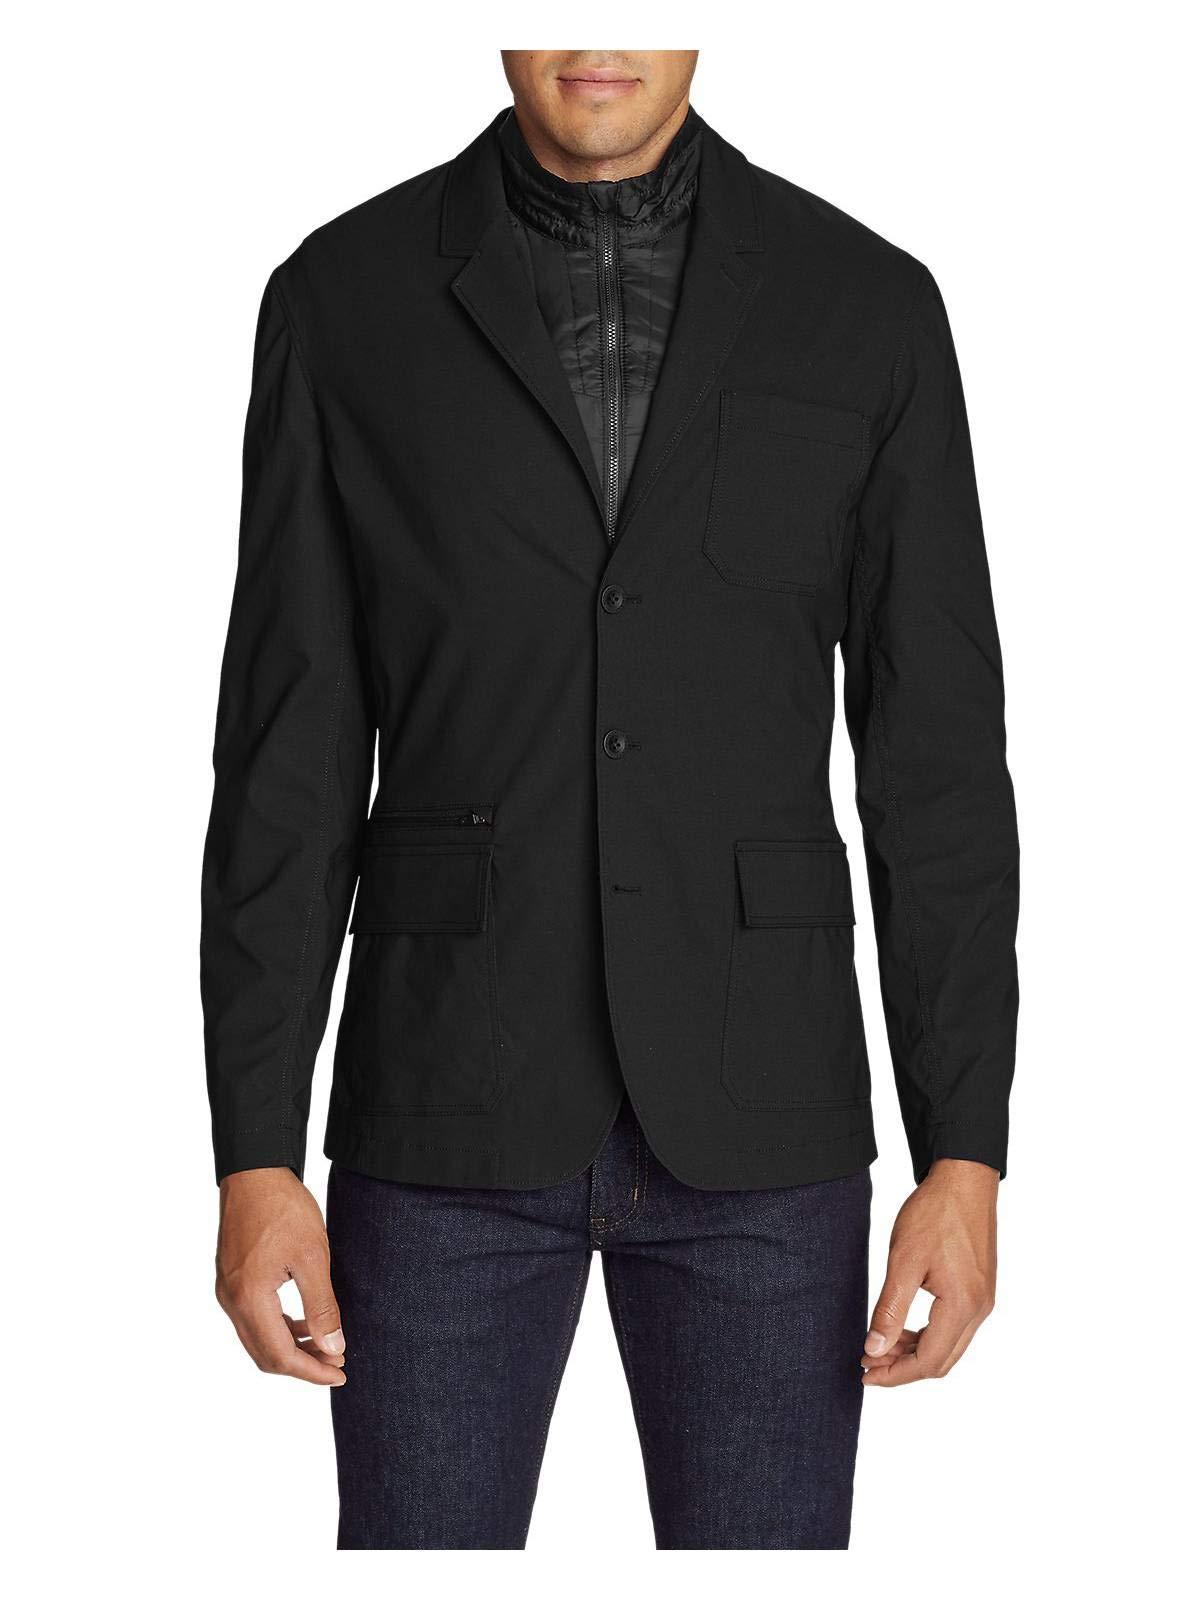 Eddie Bauer Men's Voyager 3-in-1 Jacket, Black Regular 44